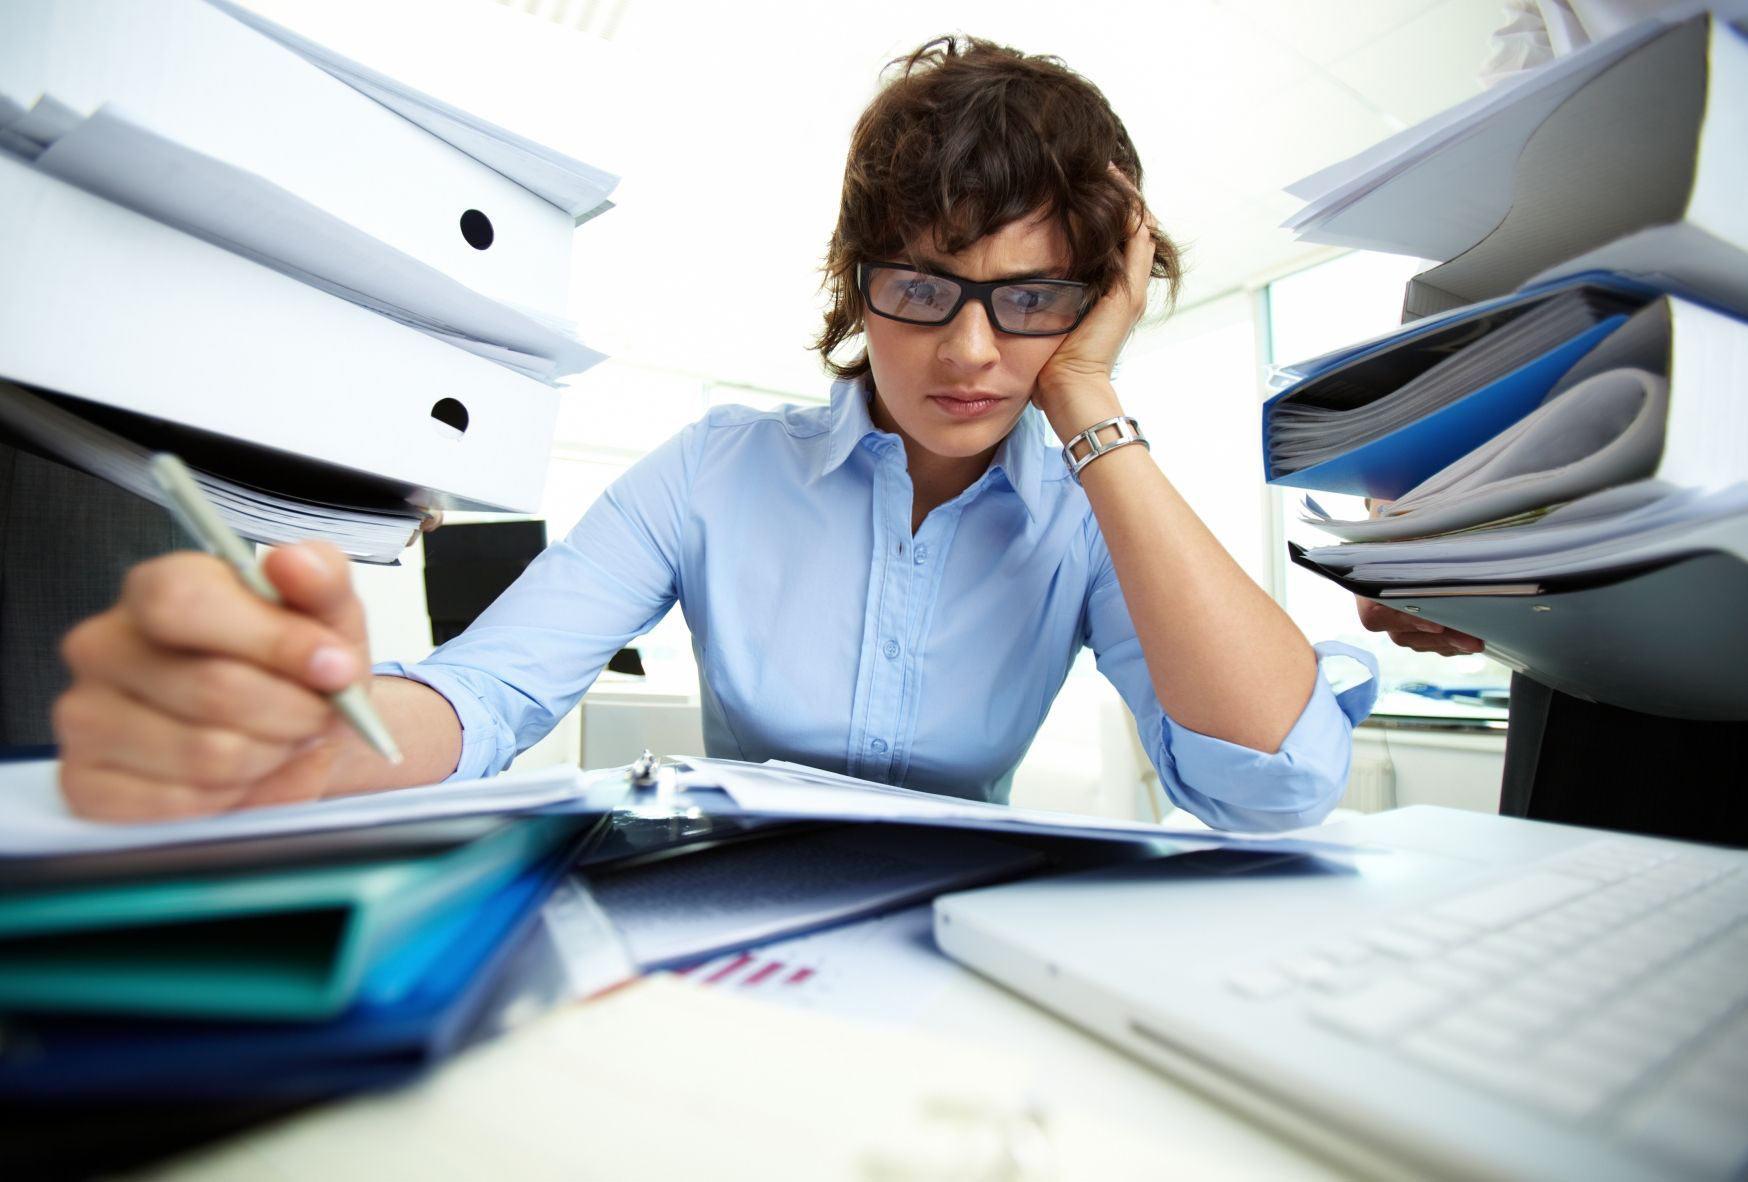 как заставить бухгалтера работать